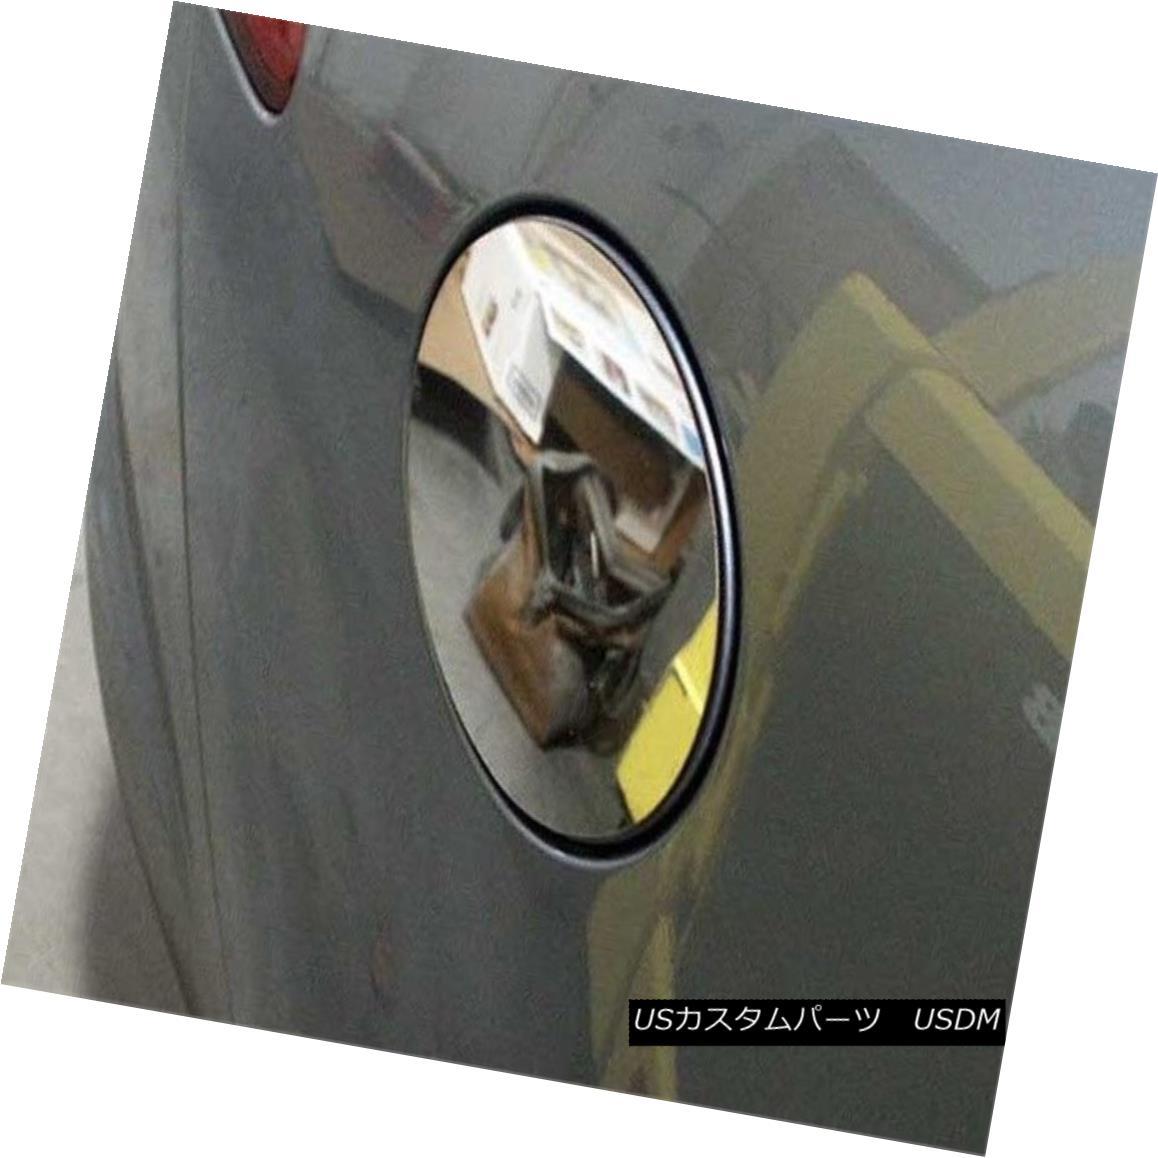 グリル Fits 2009-2015 JAGUAR XF 4-door -Stainless Steel GAS CAP DOOR フィット2009-2015 JAGUAR XF 4ドア - ステンレススチールガスCAP DOOR